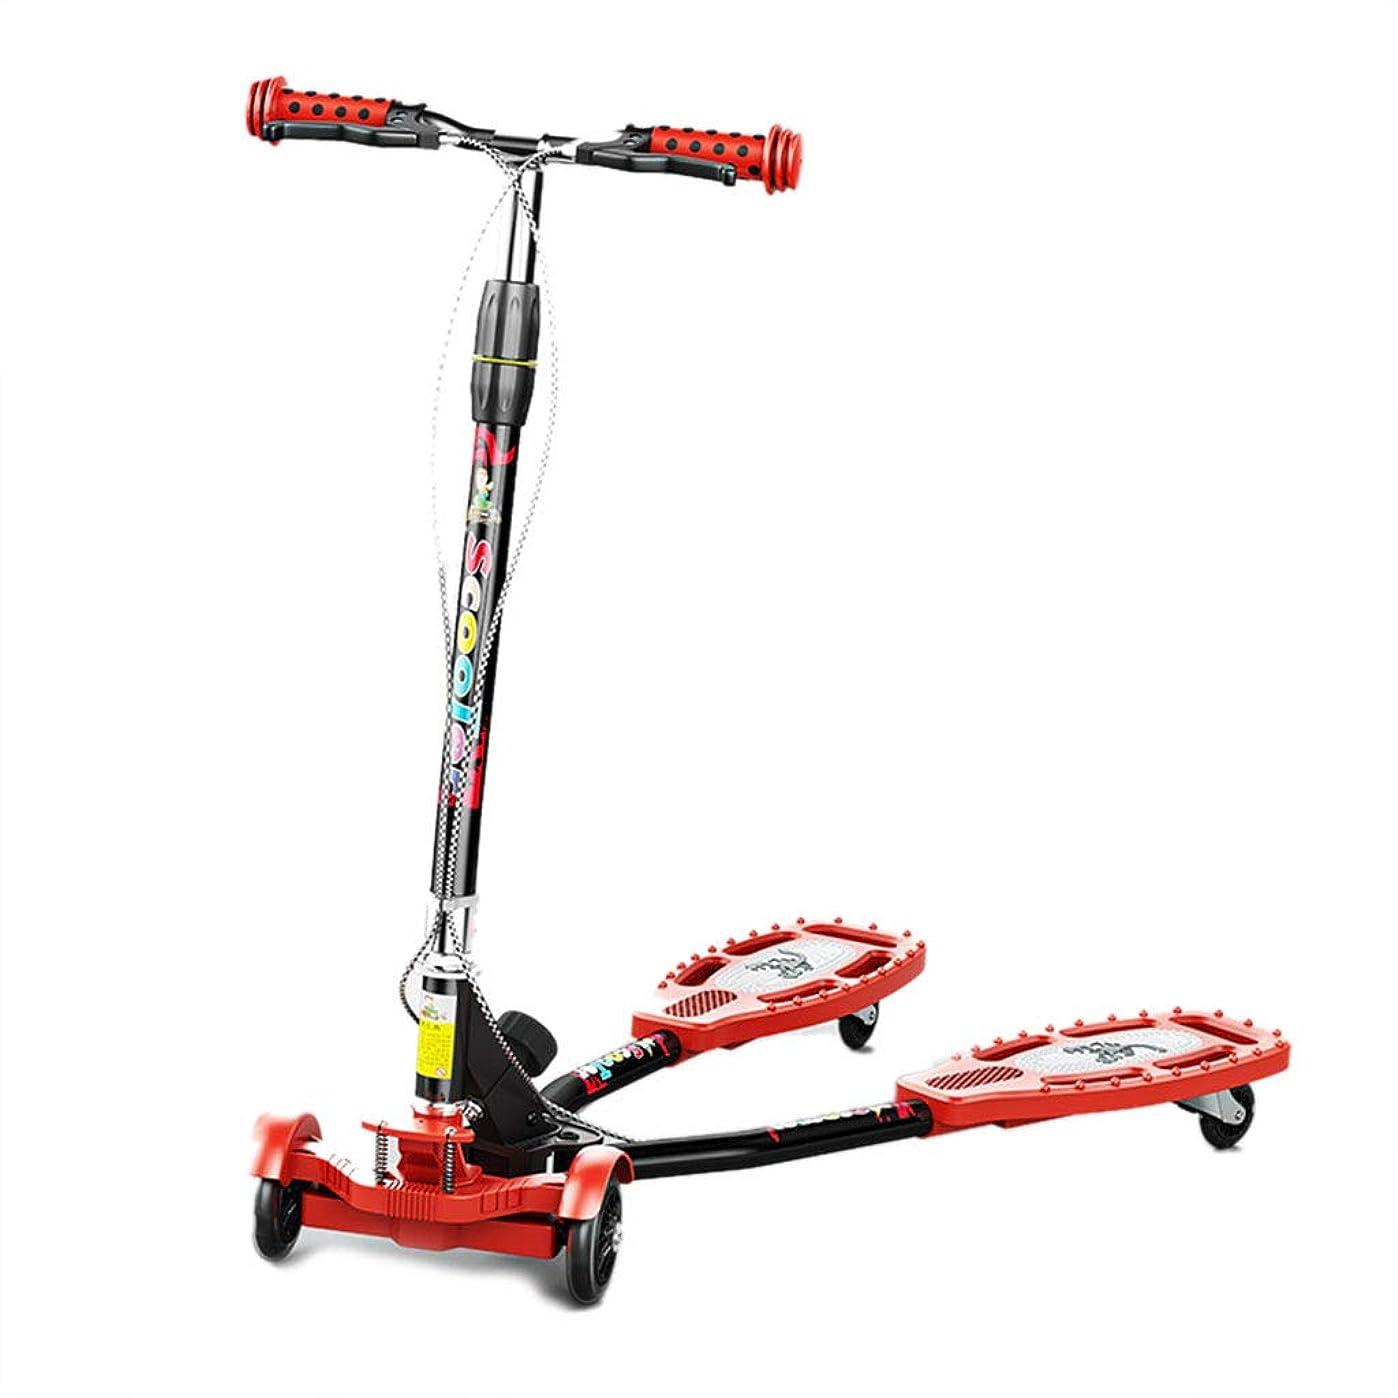 考え疲労海上子ども用自転車 子供の初心者用スクーター 子供の屋内用スクーター 屋内と屋外のキックスクーター 子供用車 カエルのはさみ 子供用スクーター 子供用旅行 (Color : Red, Size : 80cm*22cm*88cm)